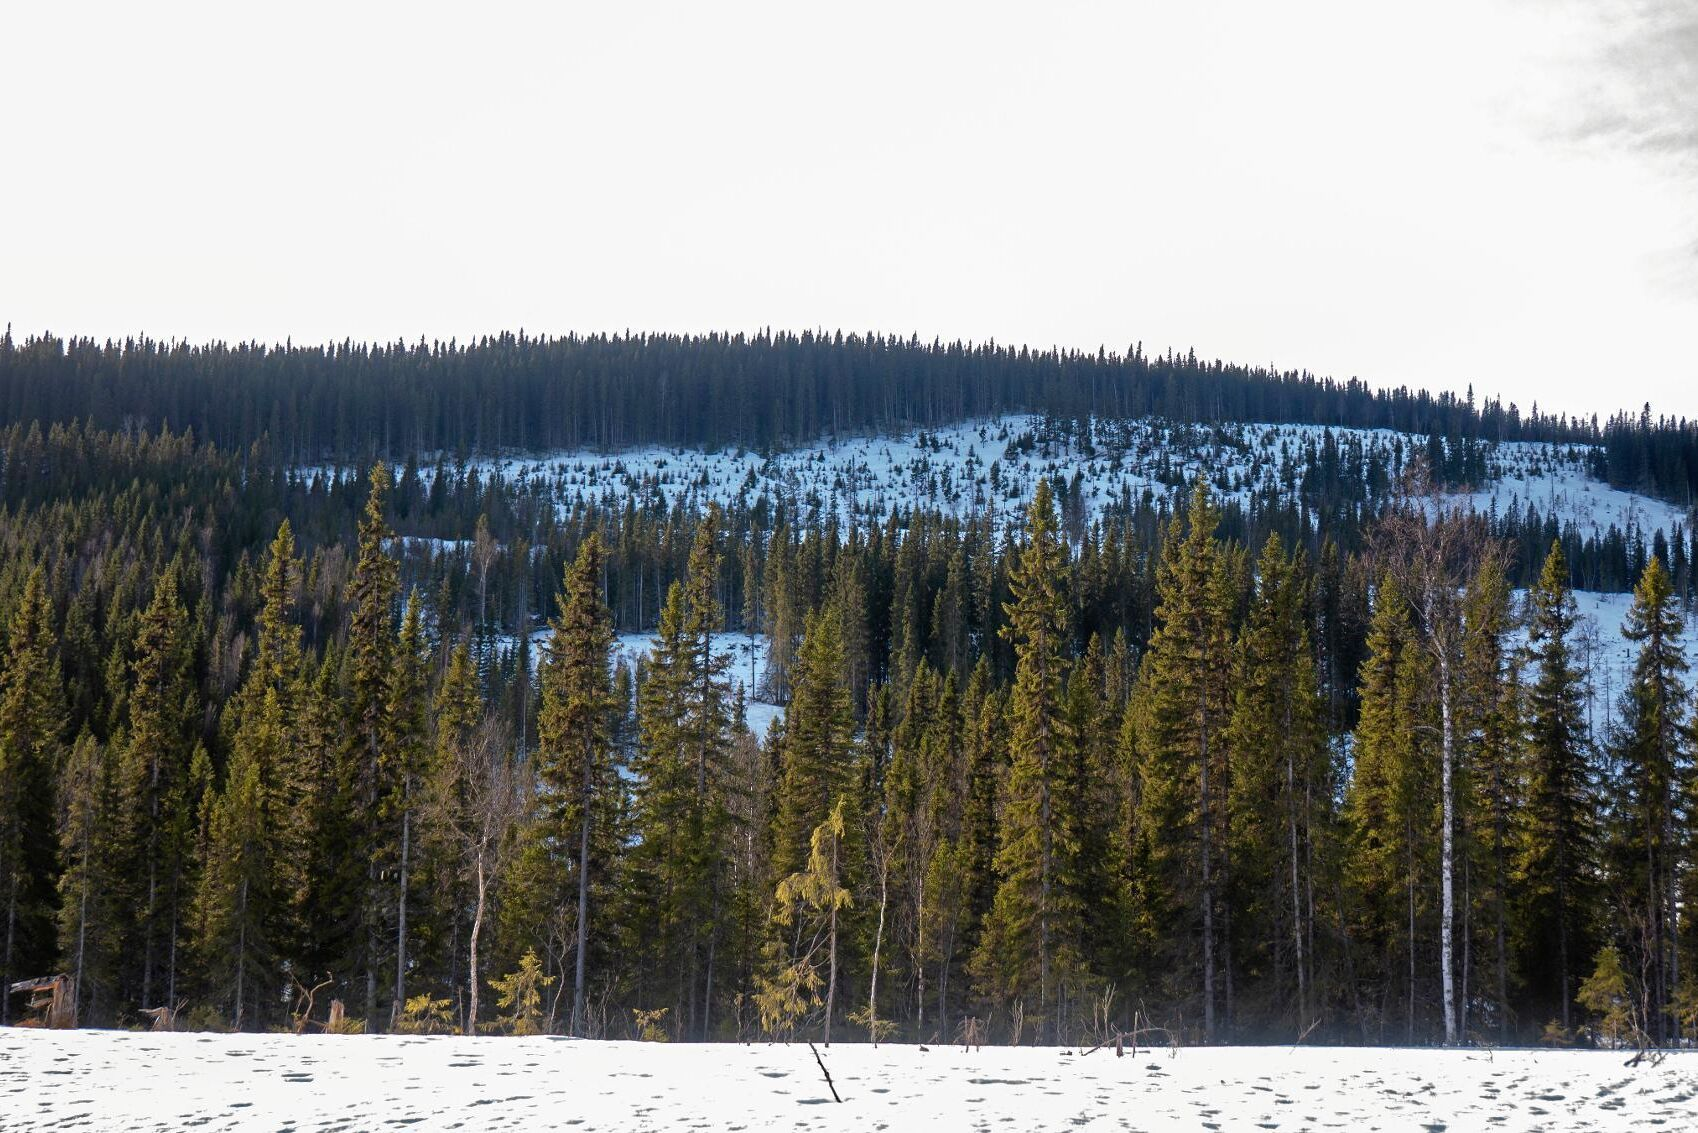 Den fjällnära skogen är ett tvisteämne (arkivbild).